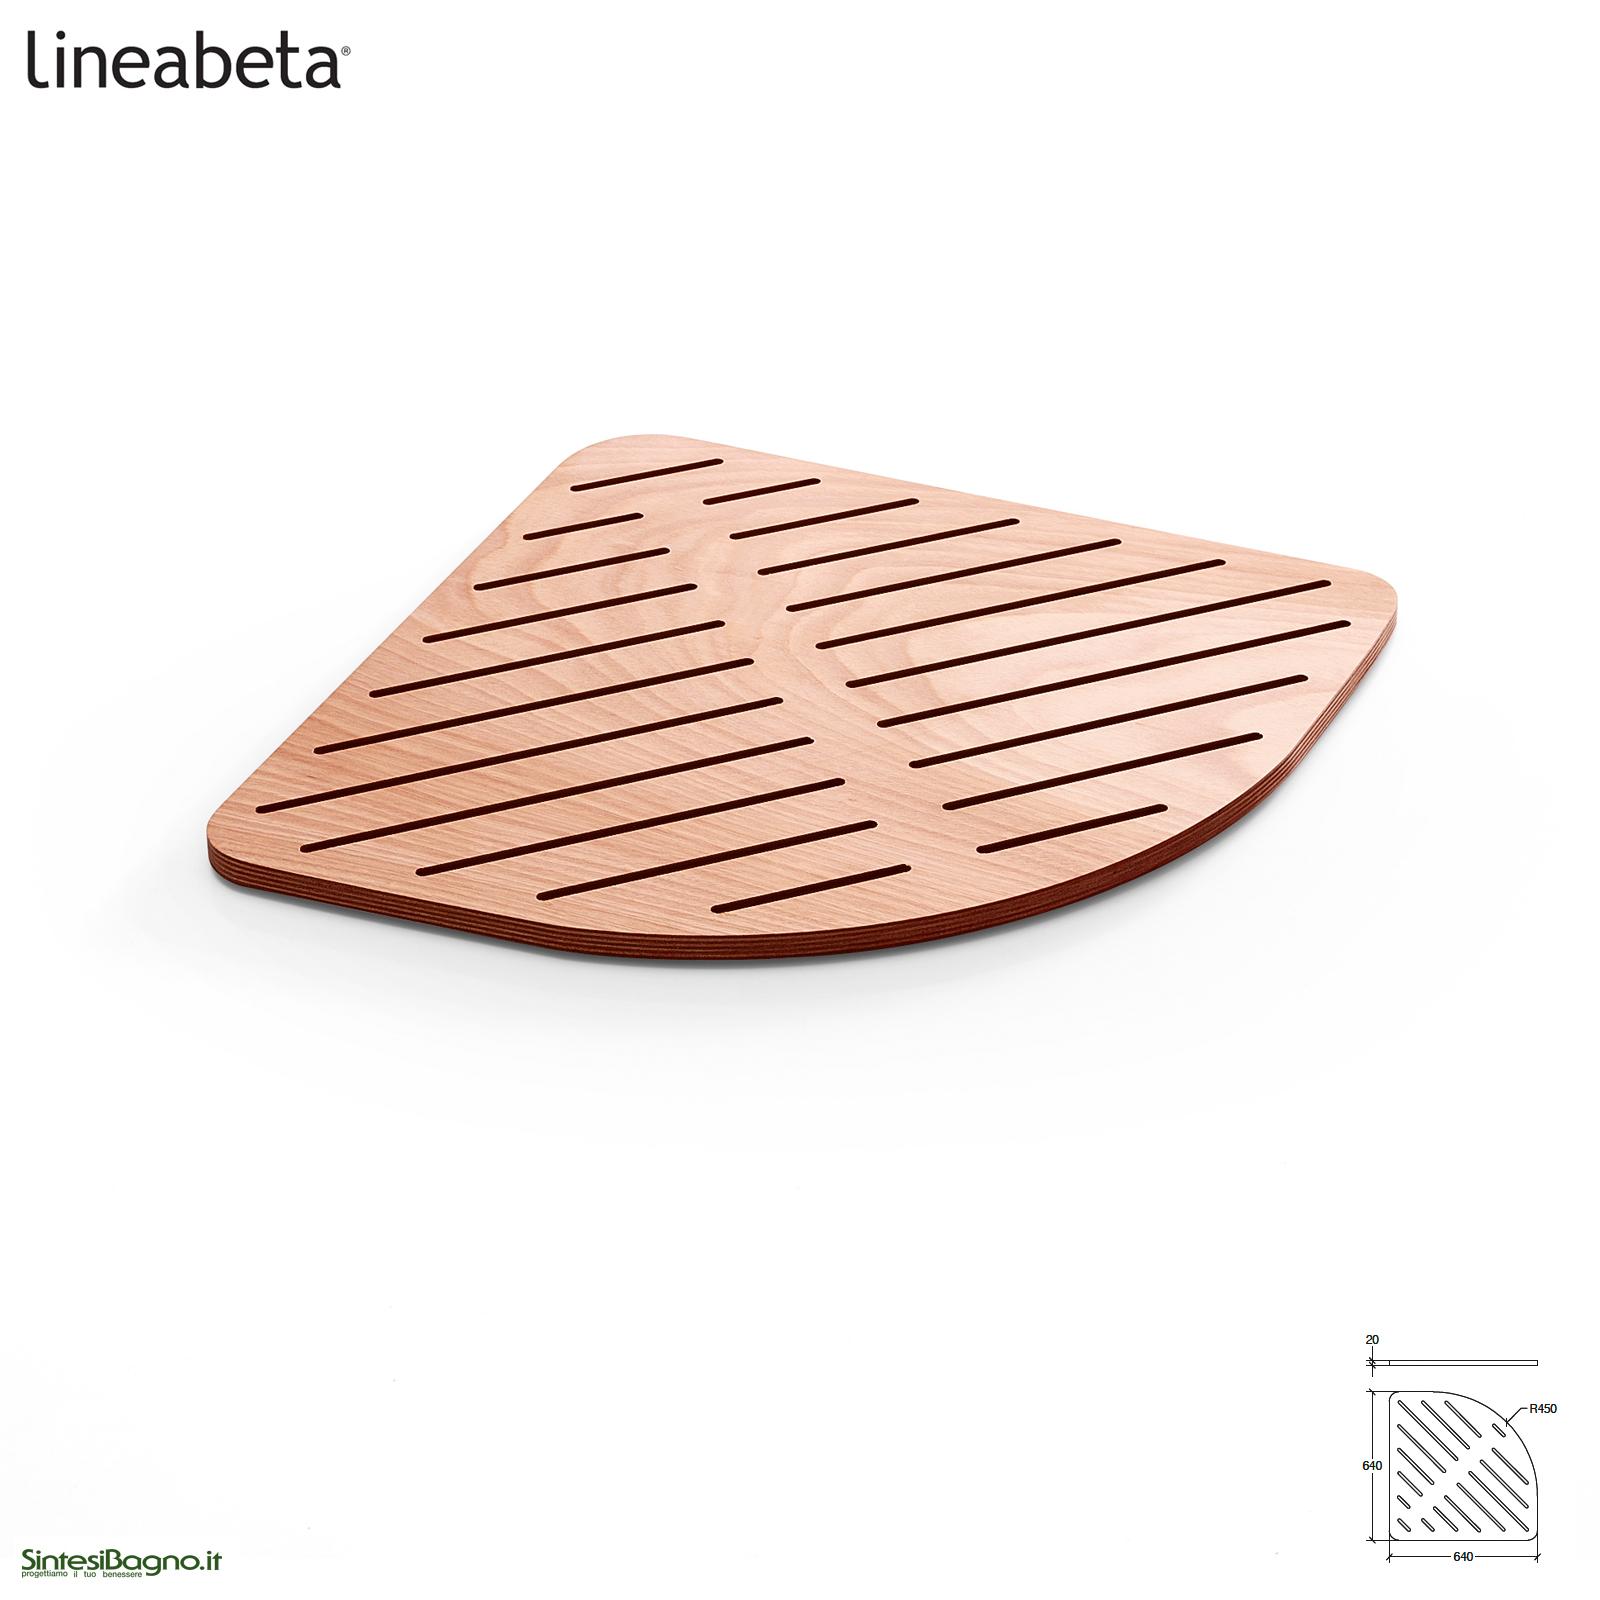 7230-08_C-lineabeta-linea-doccia-pedana-doccia-in-multistrato-marino-legno-okume